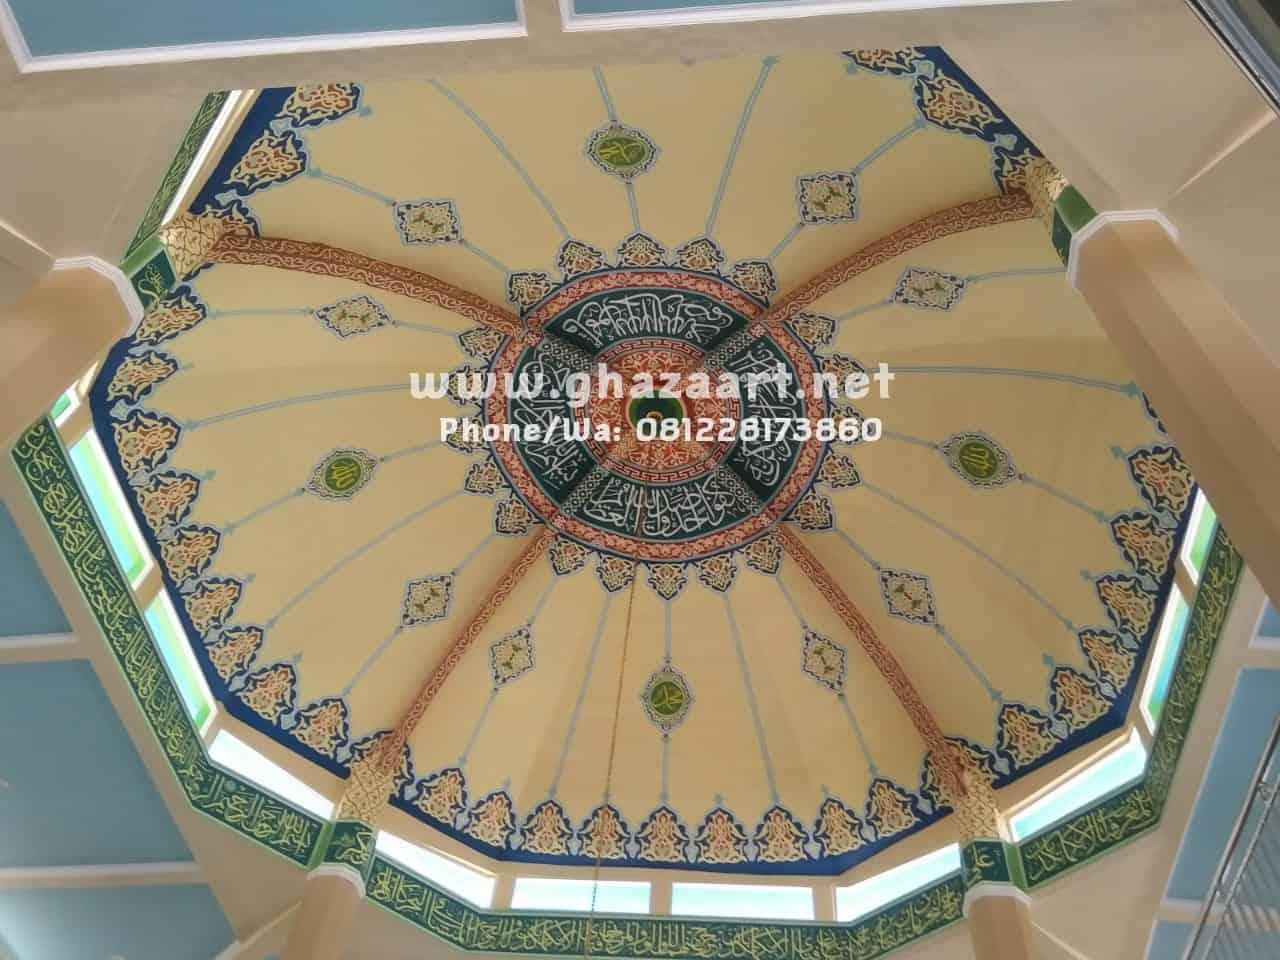 Kaligrafi kubah masjid di cirebon